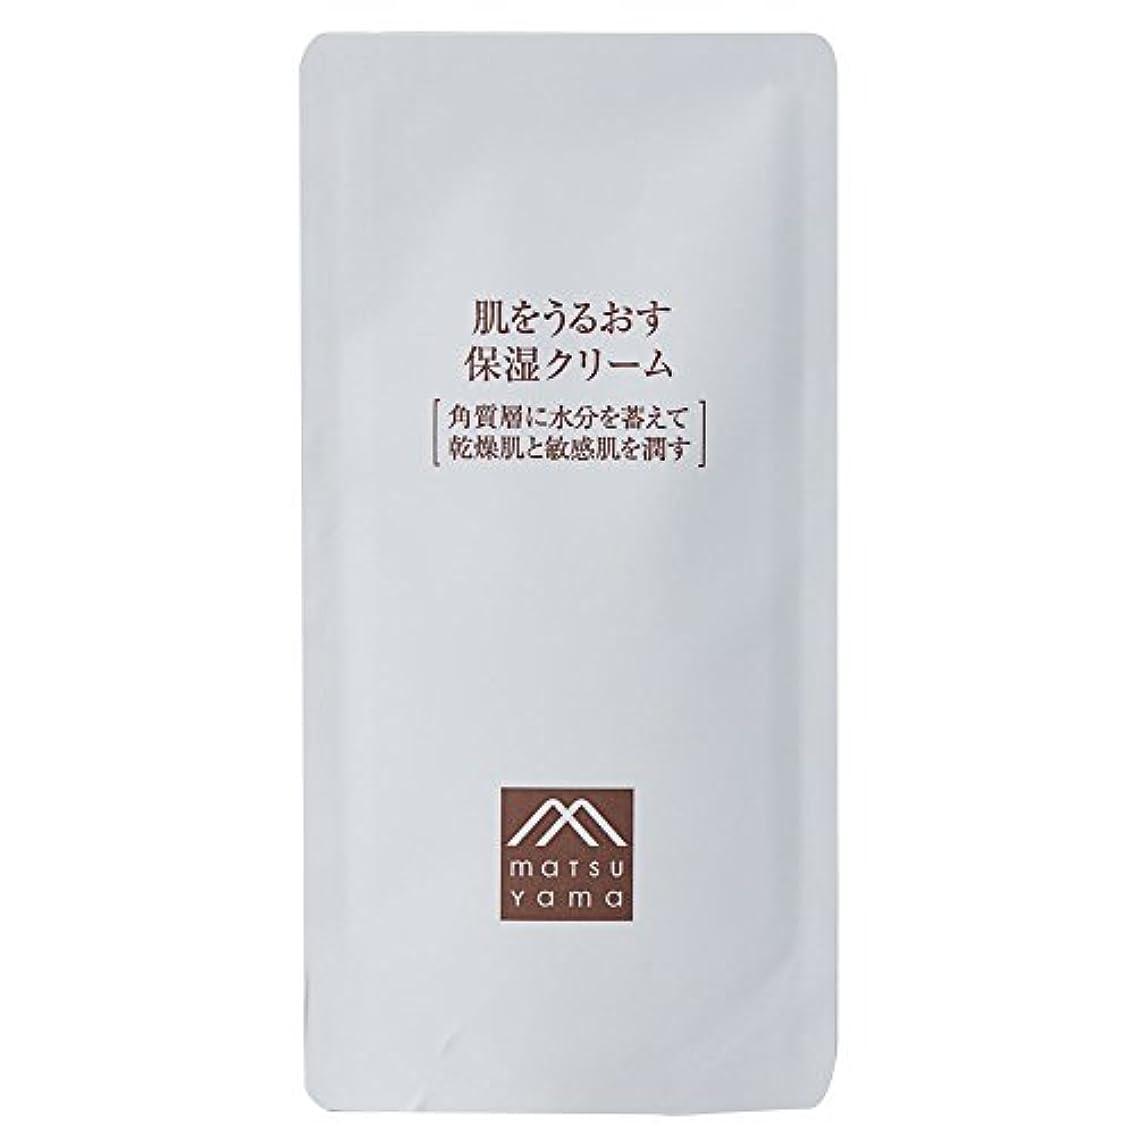 未接続違う隣接肌をうるおす保湿クリーム 詰替用(クリーム) 濃厚クリーム [乾燥肌 敏感肌]